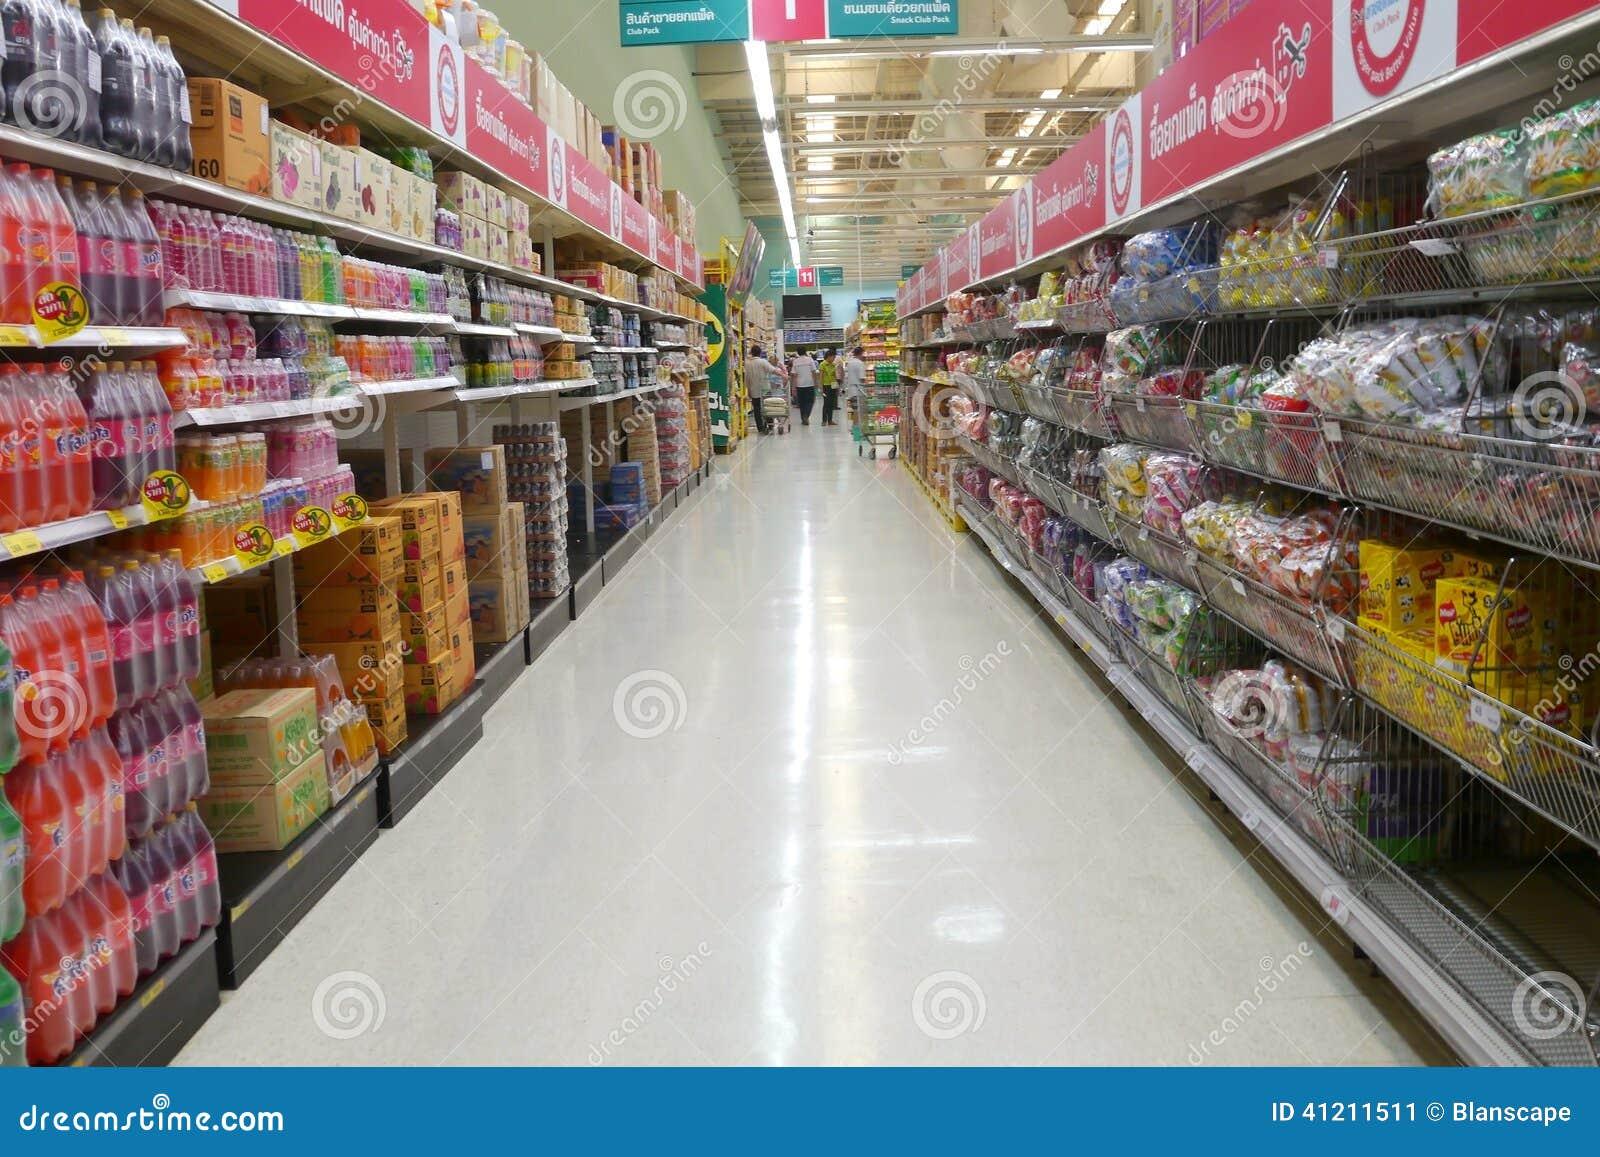 Tesco lotus supermarket in bangkok editorial photo image of tesco lotus supermarket in bangkok gumiabroncs Choice Image